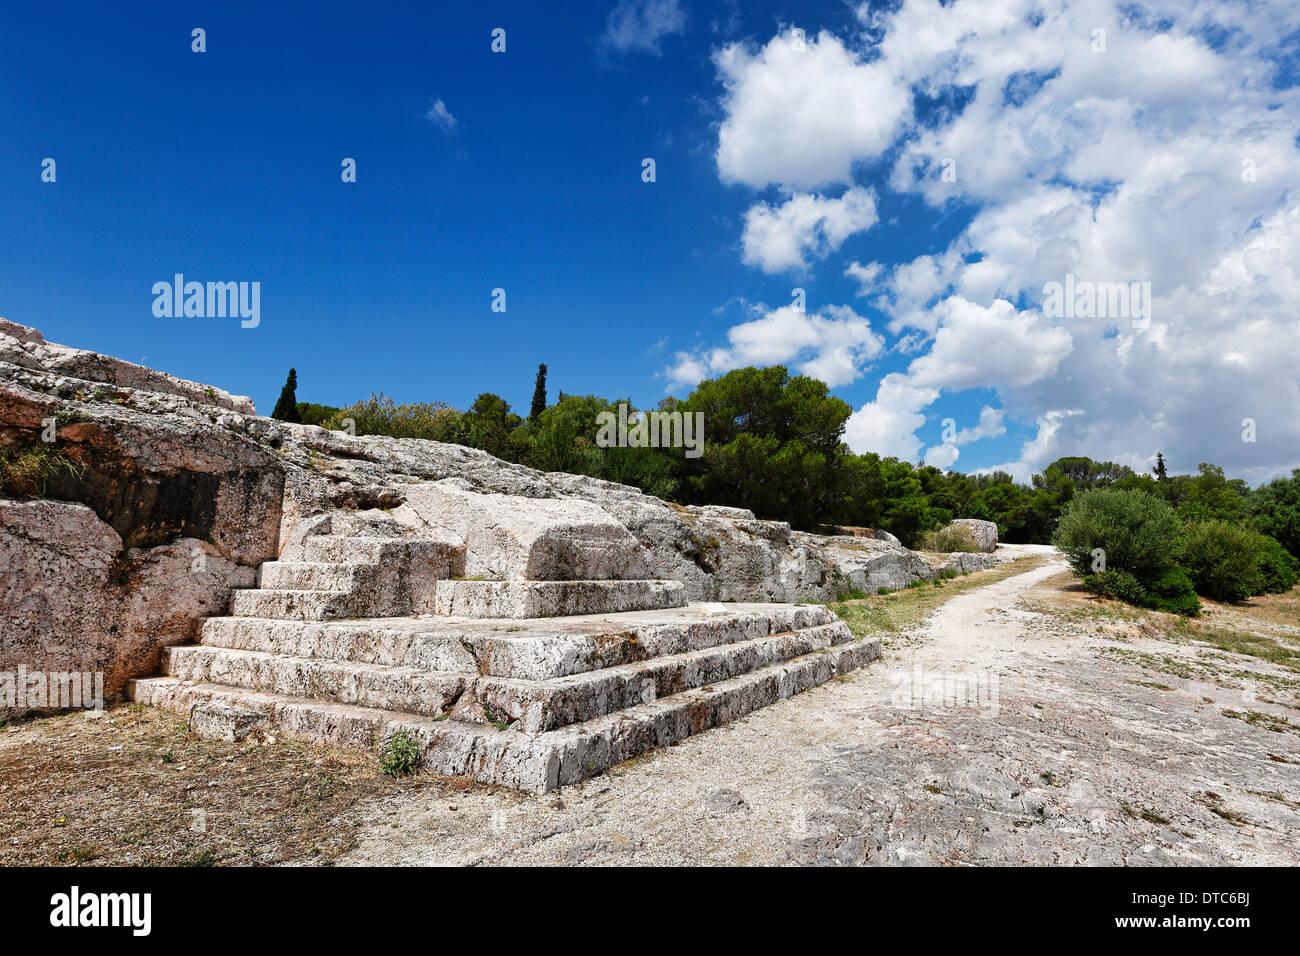 La Pnice (507 a.C.) con incisa la fasi di altoparlanti piattaforma (bema) vicino all'acropoli ateniese, Grecia. Immagini Stock